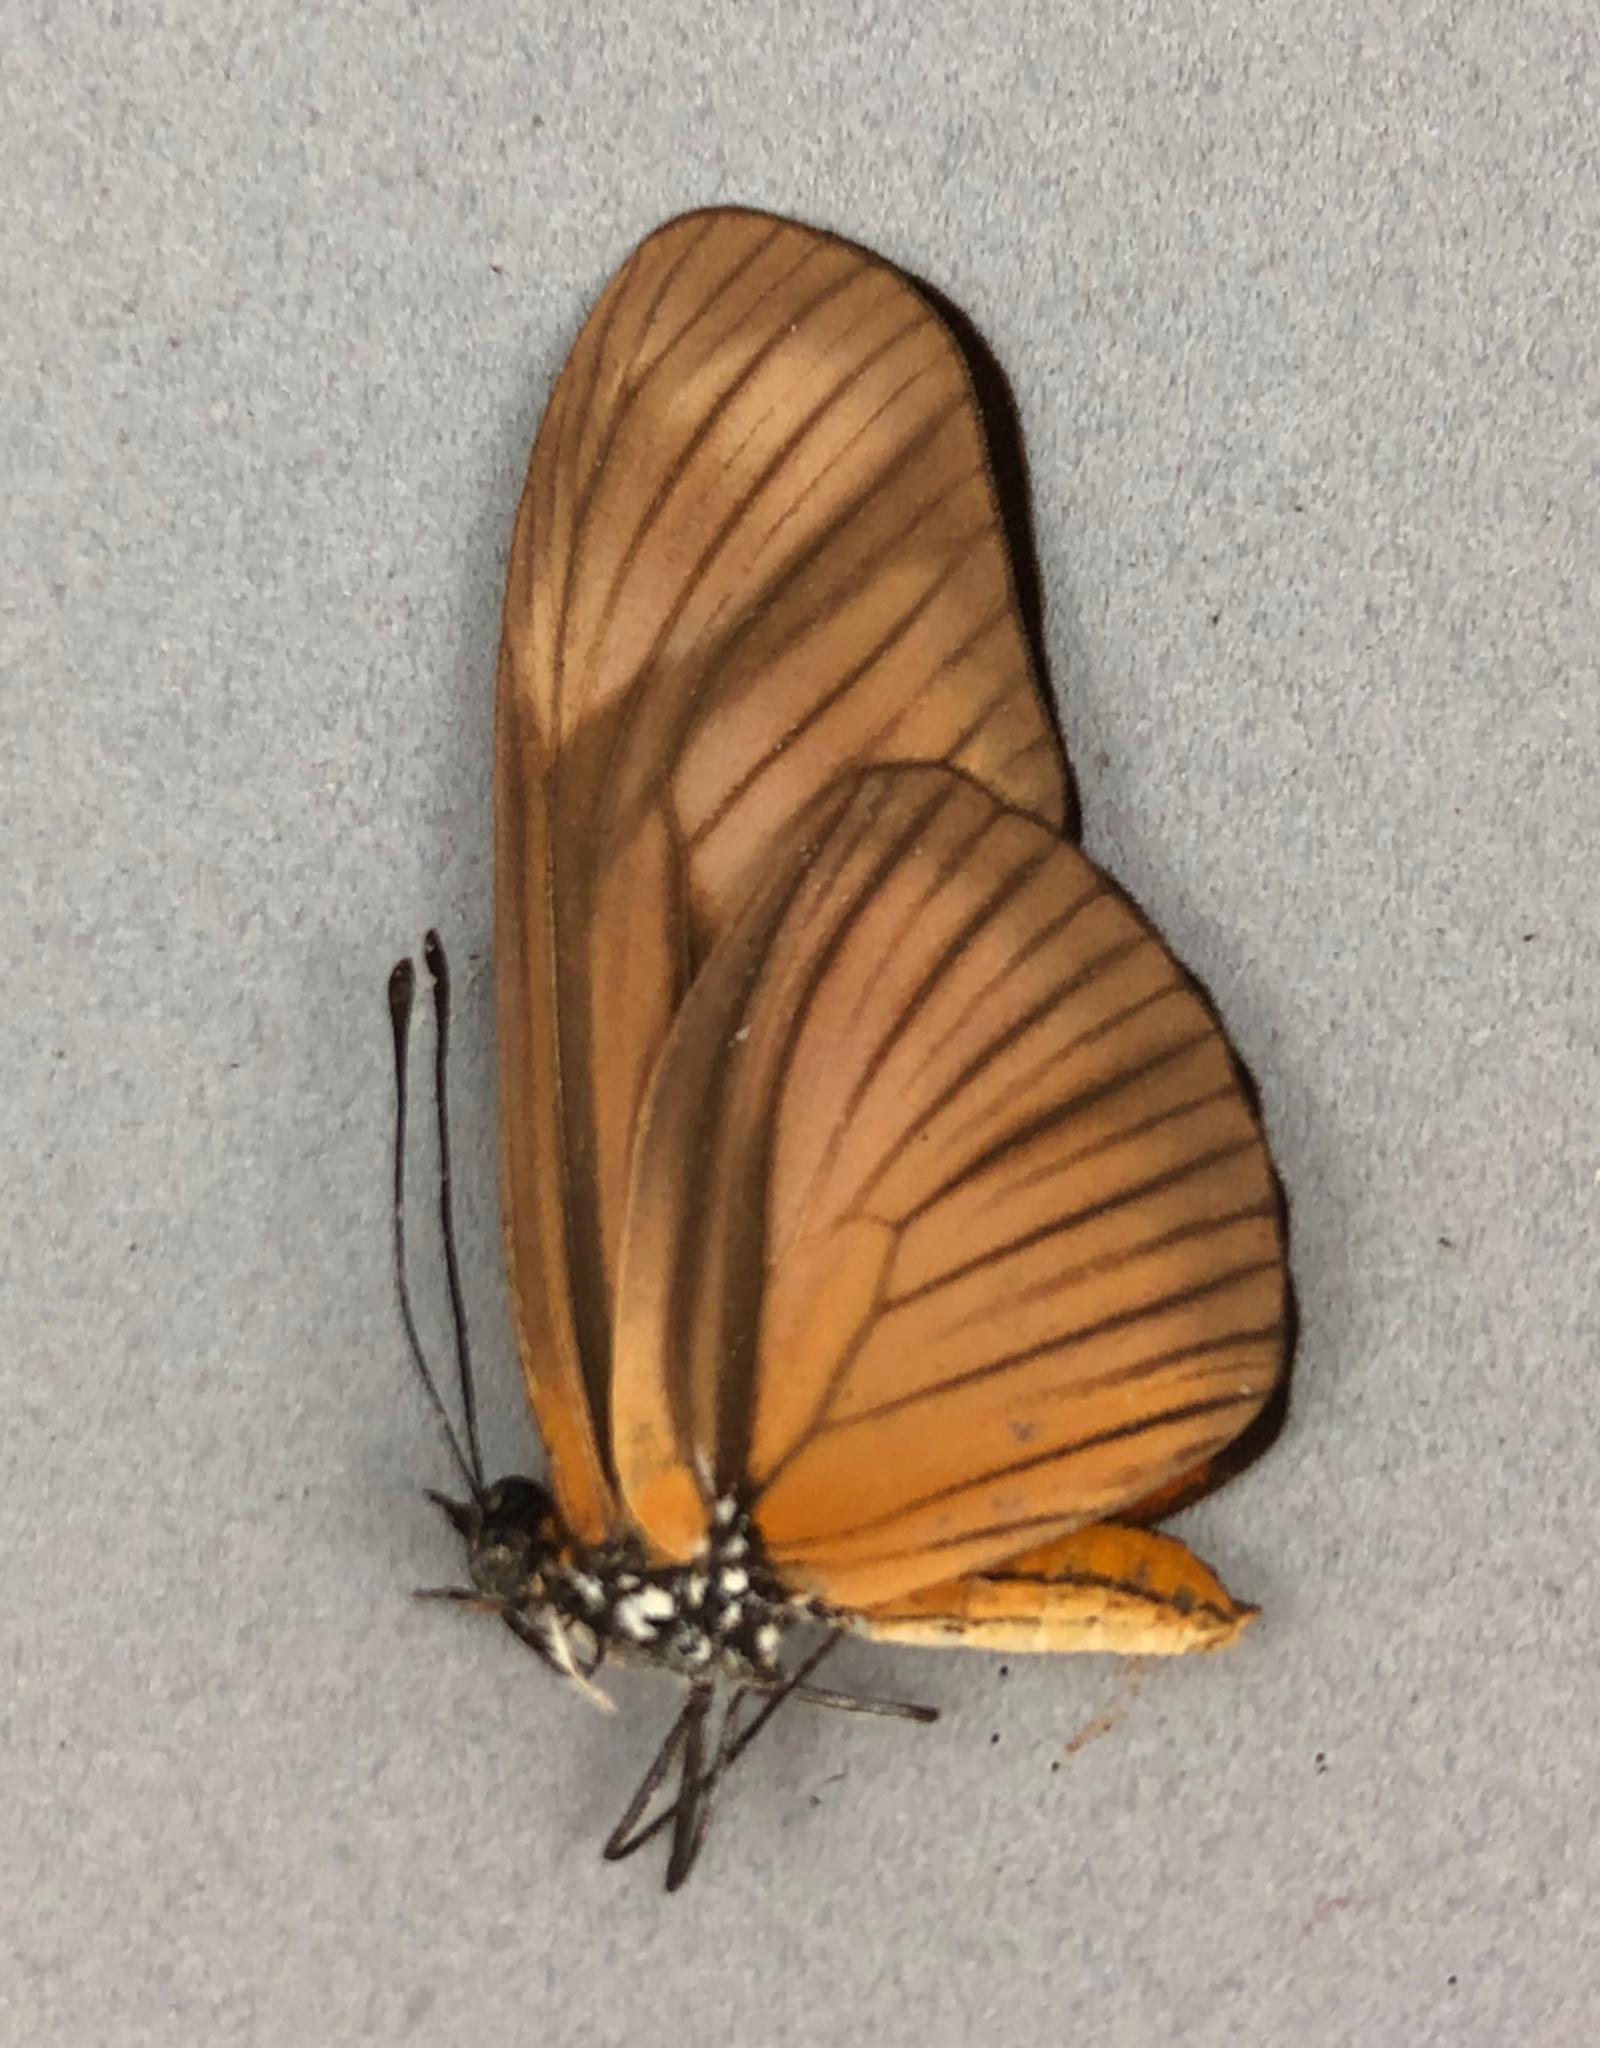 Eueides aliphera = libitina M A1 Peru